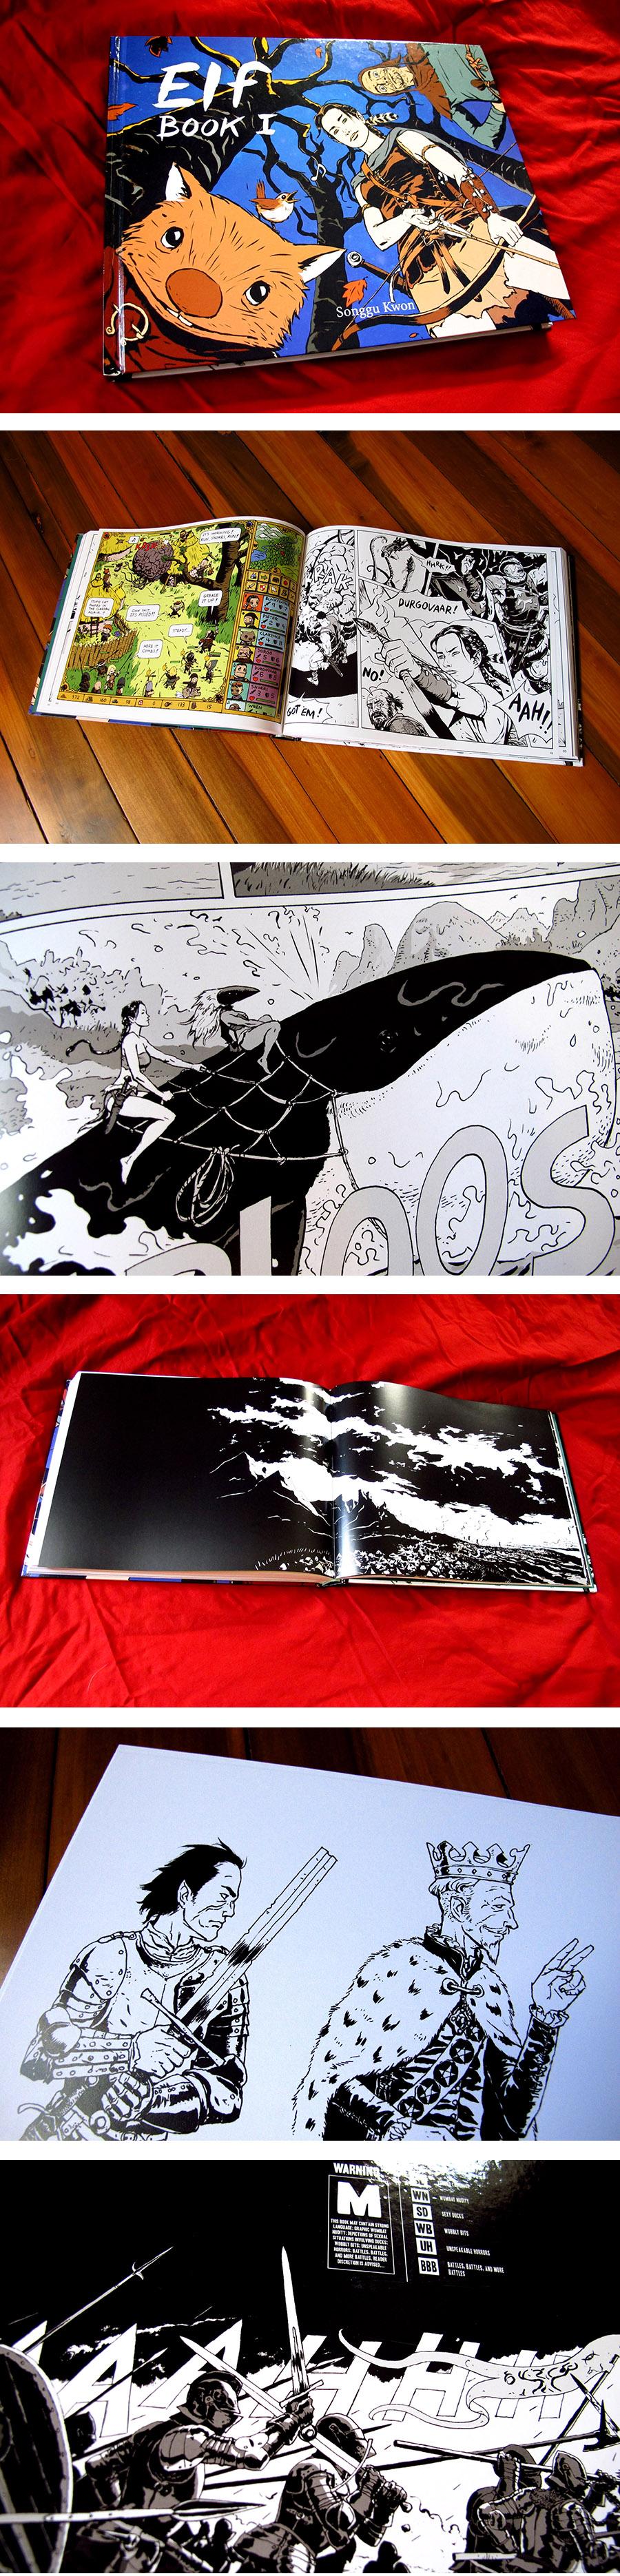 Book Pics